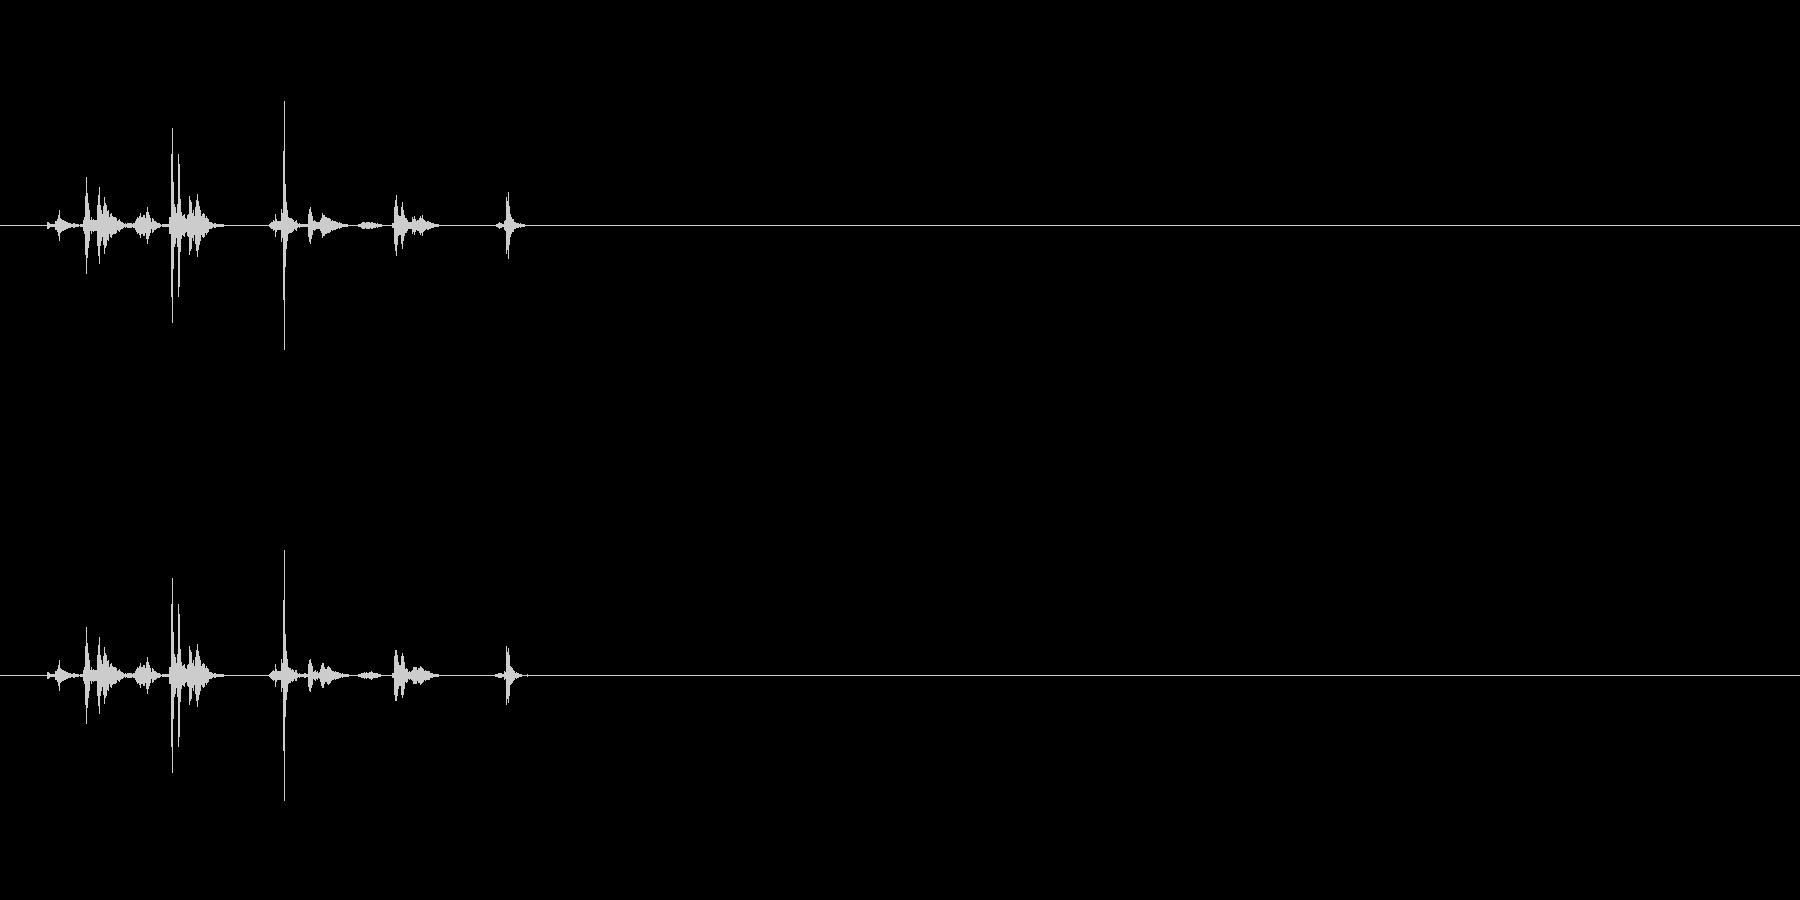 シャッター音03(2連写)Var2-2の未再生の波形